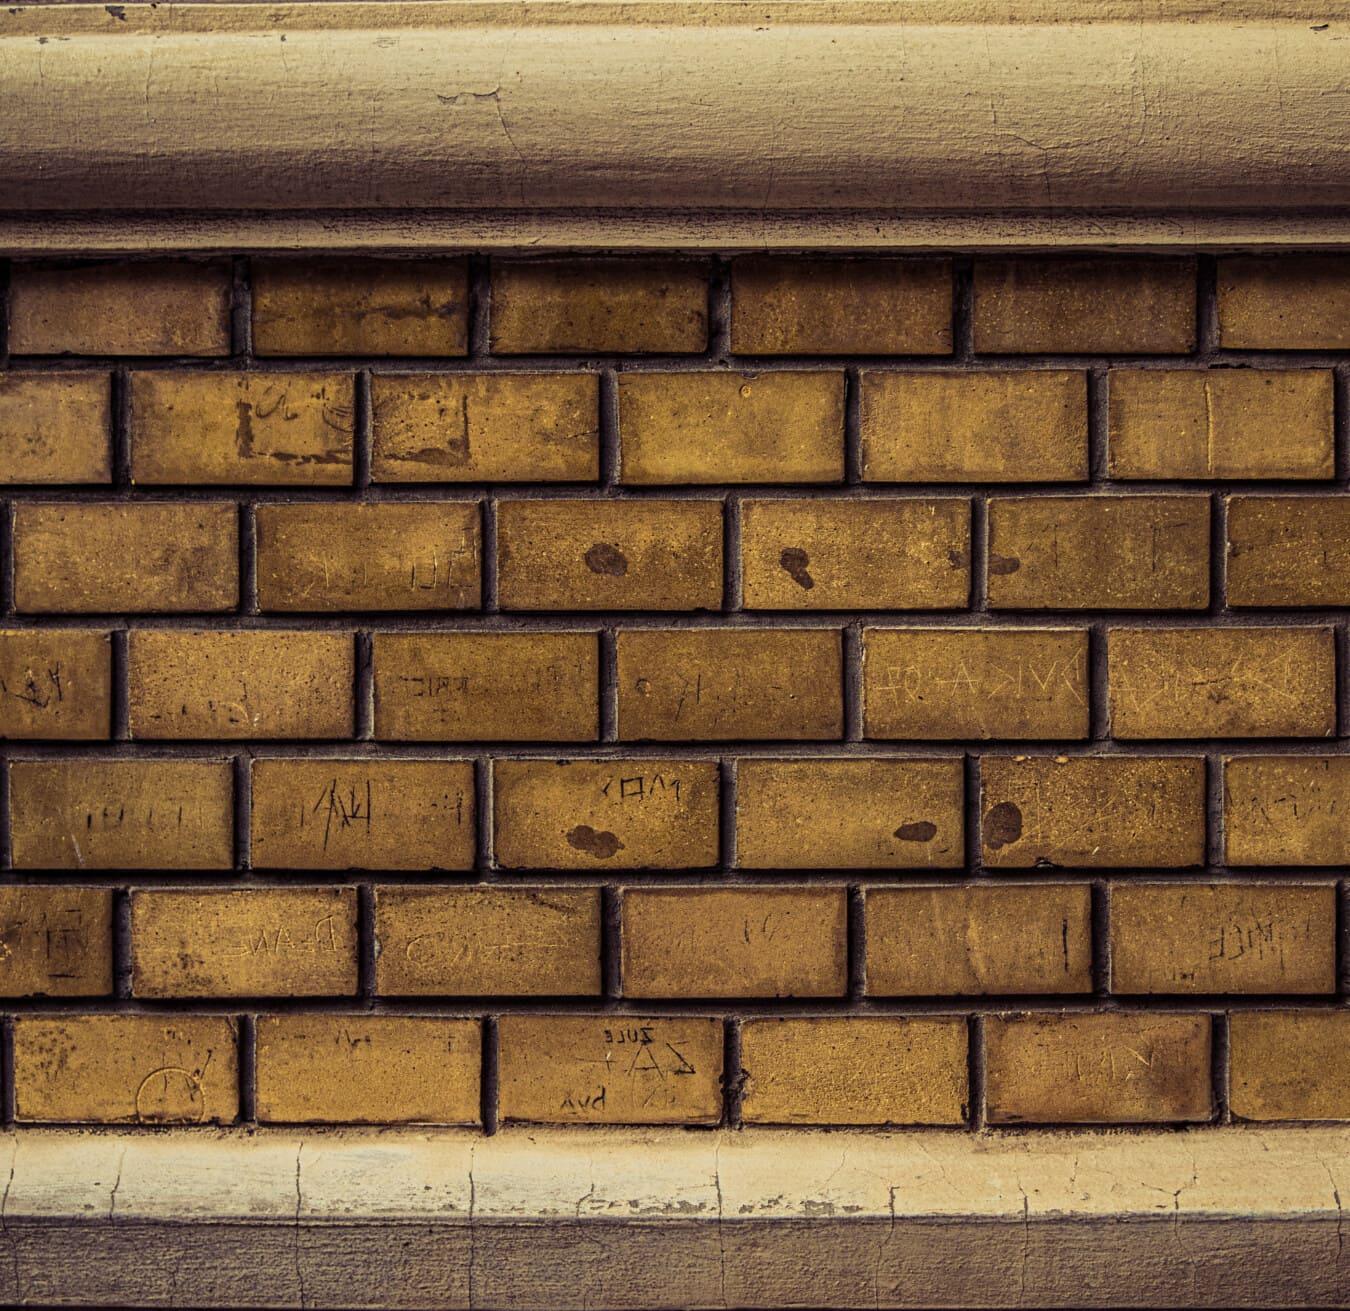 horizontal, brique, mur, brun clair, mortier, briques, maçonnerie, ciment, béton, vieux